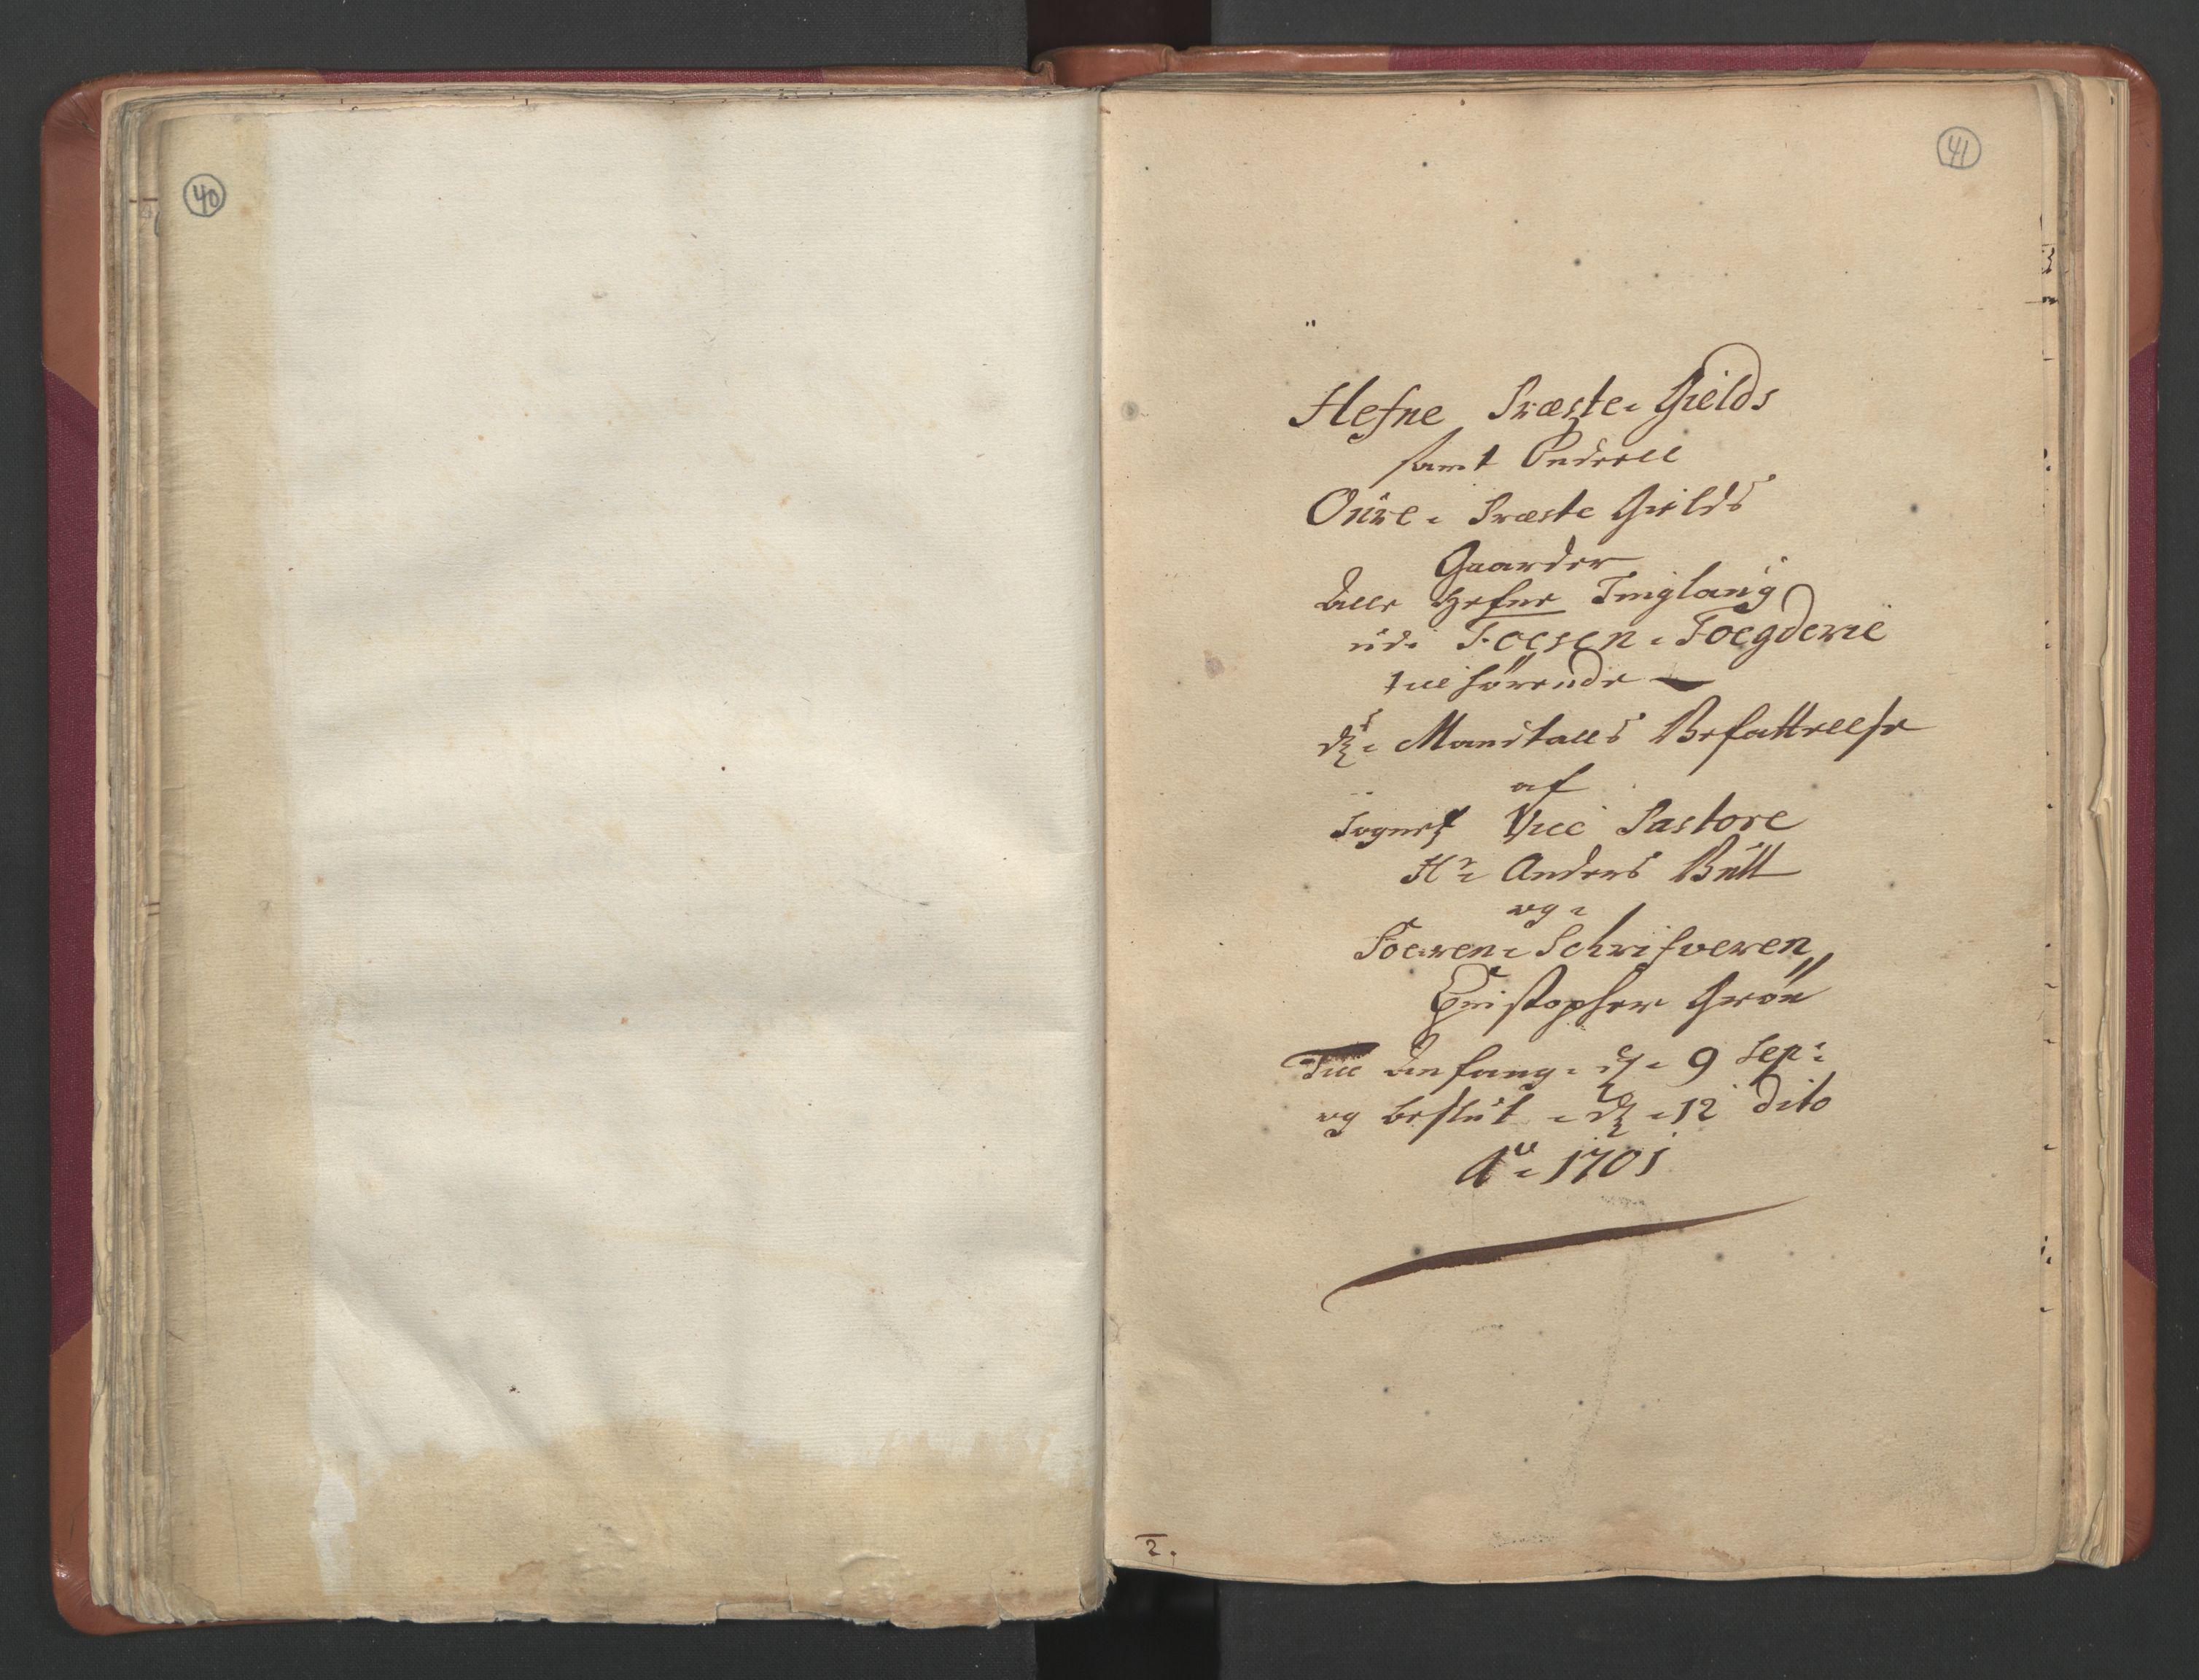 RA, Manntallet 1701, nr. 12: Fosen fogderi, 1701, s. 40-41